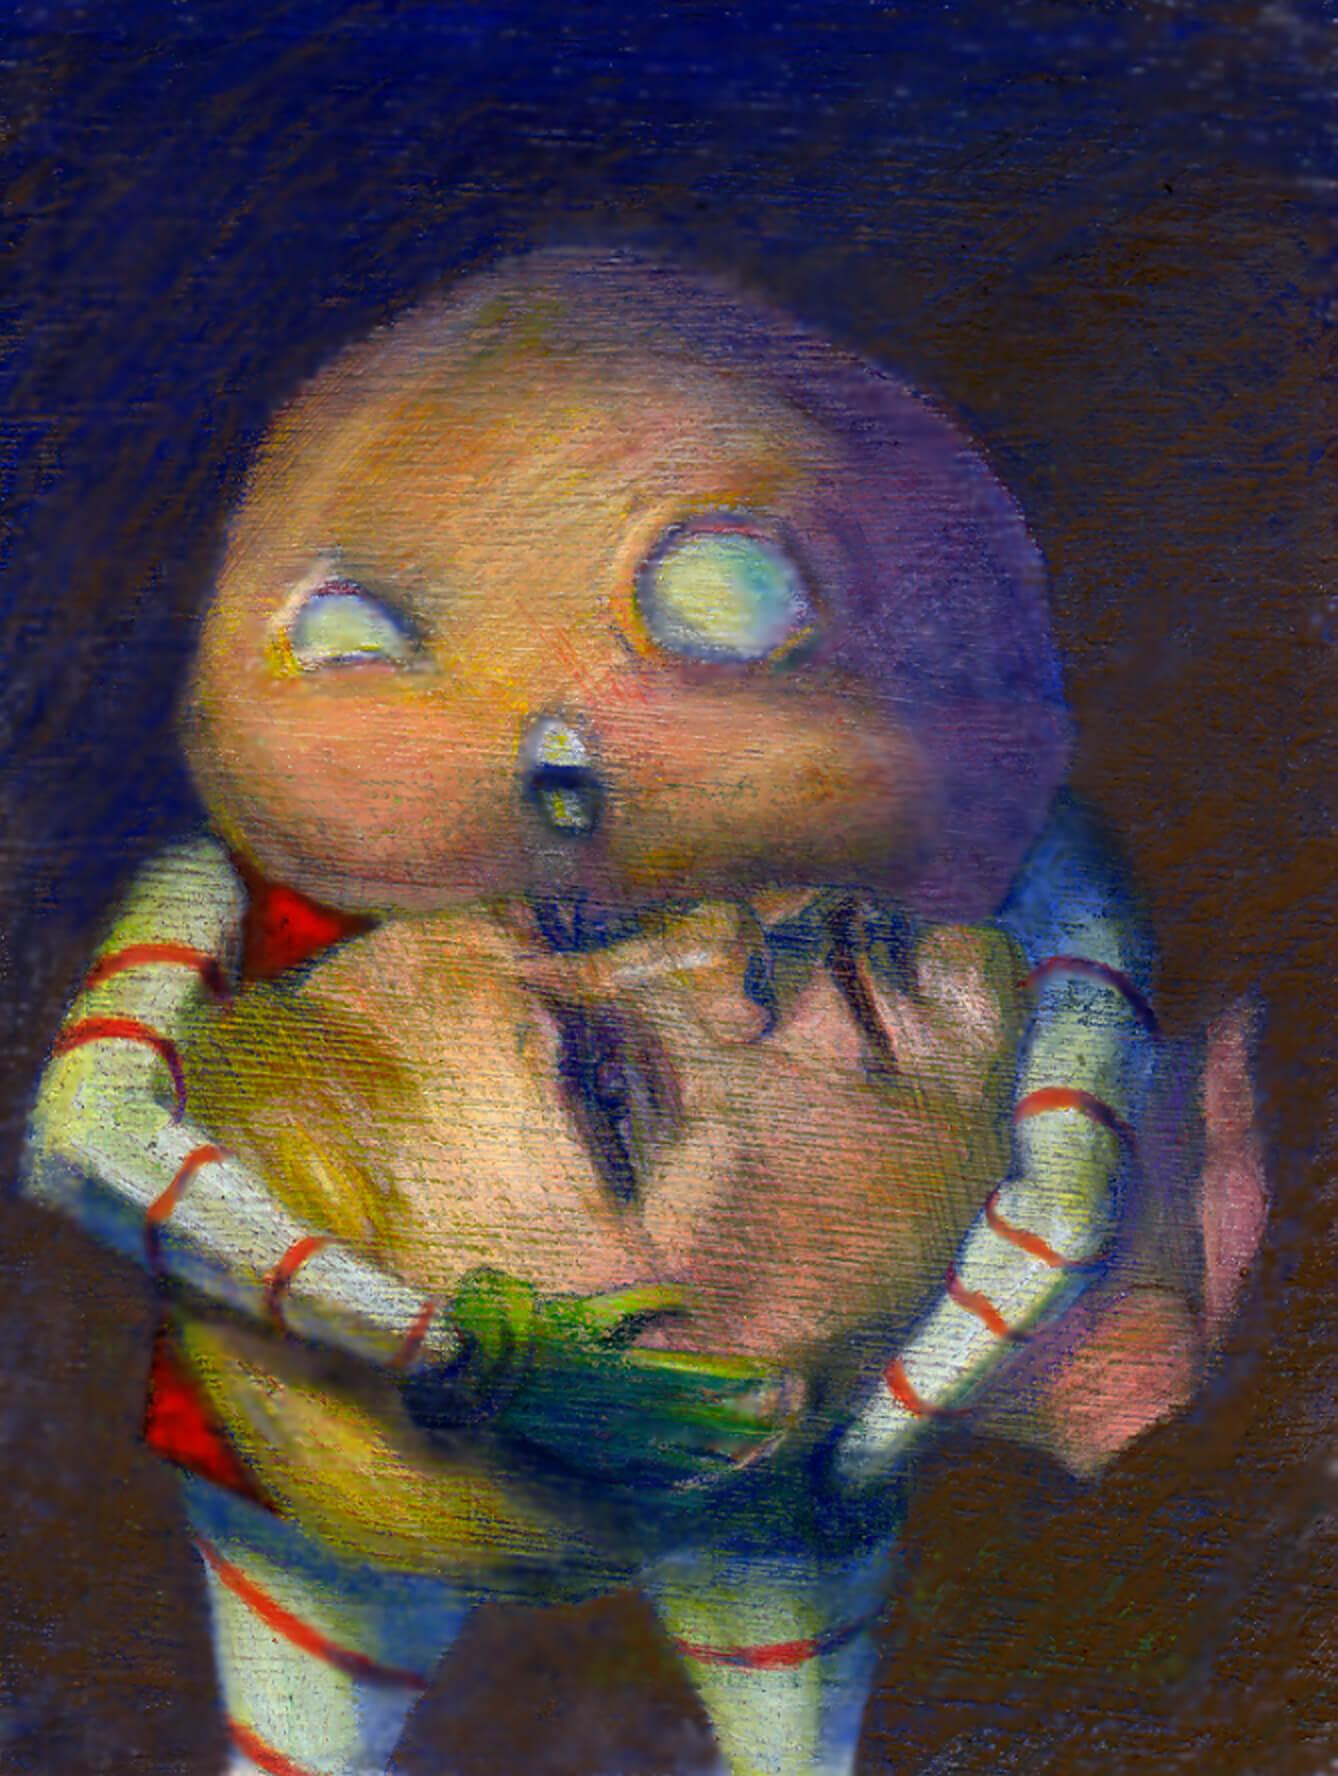 self-portrait-with-found-object (1).jpg